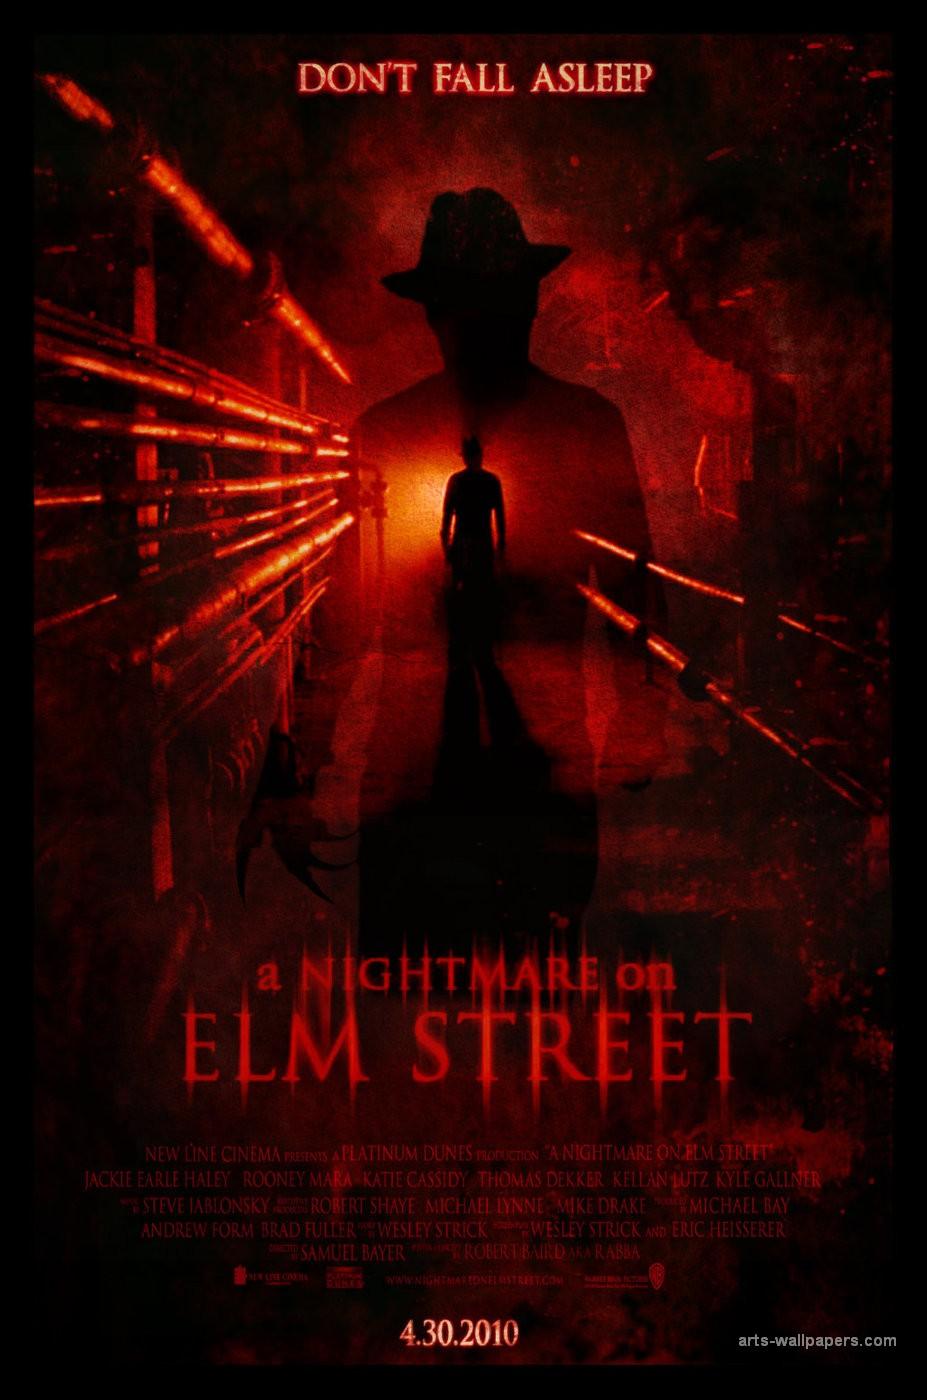 Películas de terror basadas en hechos reales A+Nightmare+on+Elm+Street+%282010%29